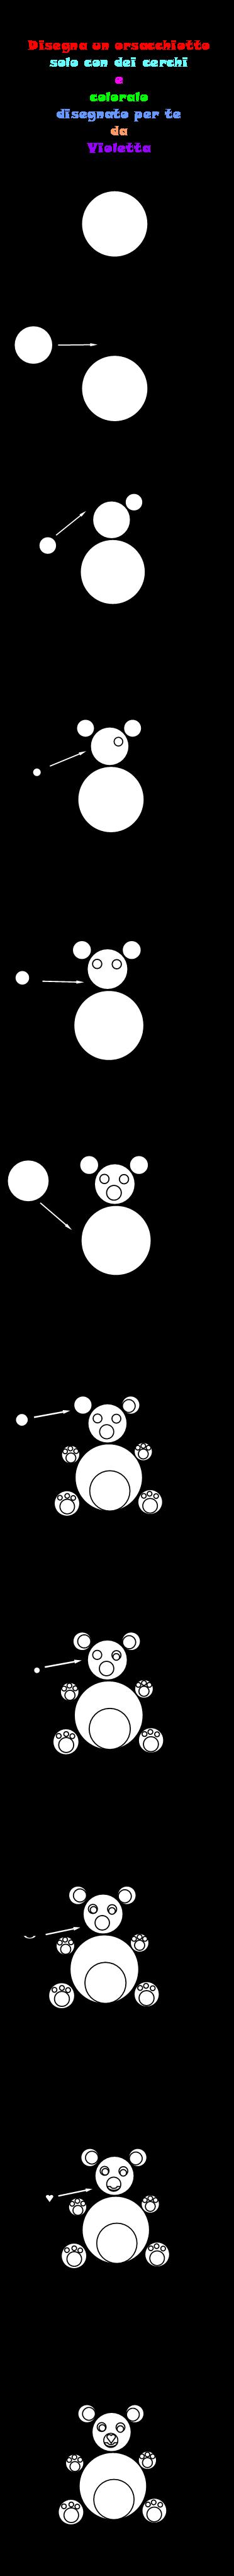 Disegna un orsacchiotto - Orsacchiotto da colorare in ...